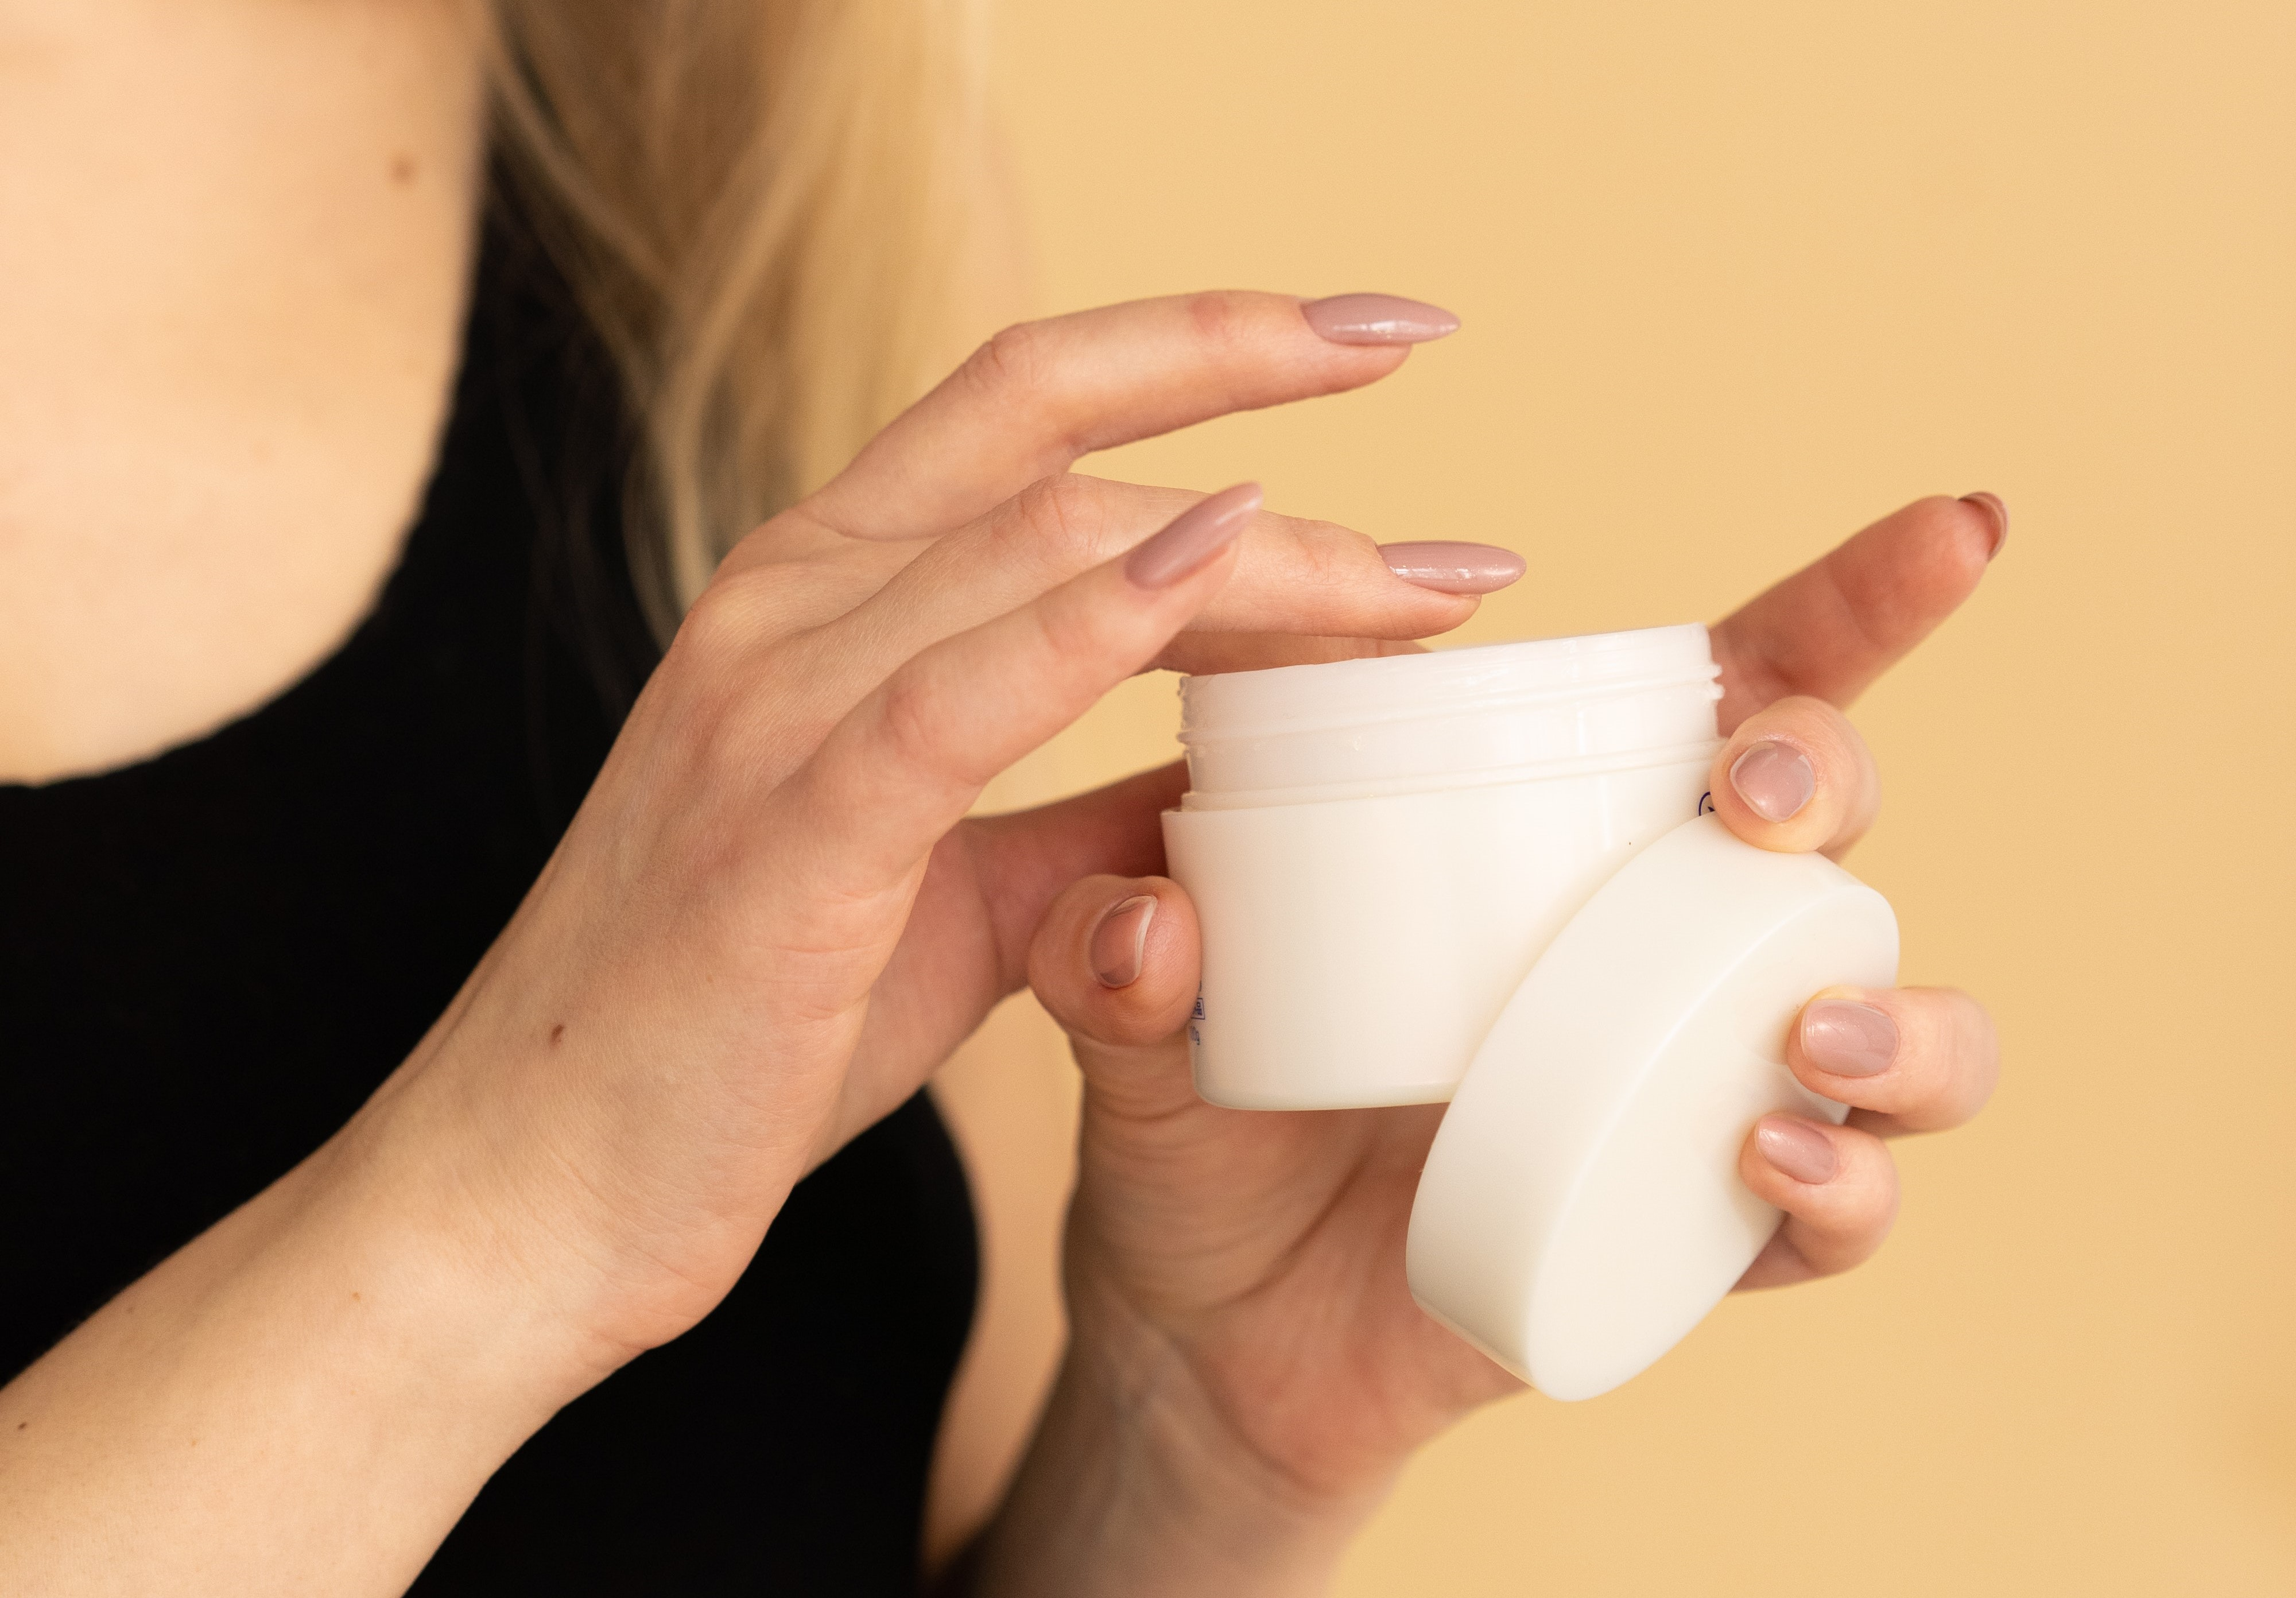 Objectif belle peau : les réflexes à avoir pour en prendre soin